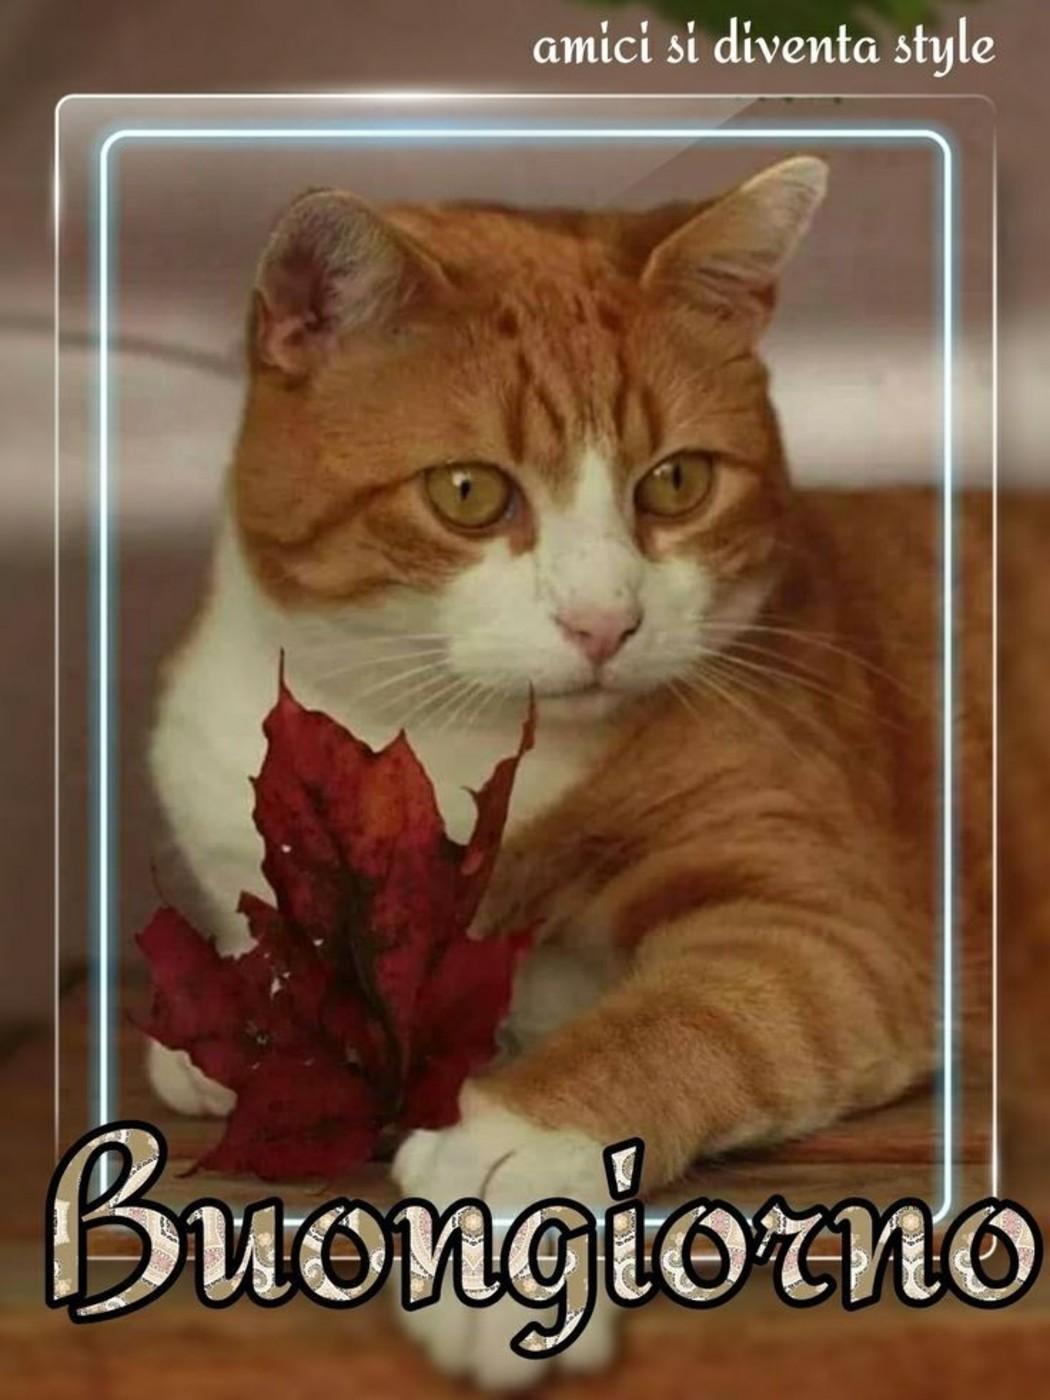 Good morning my firends archives pagina 4 di 7 for Buongiorno con gattini